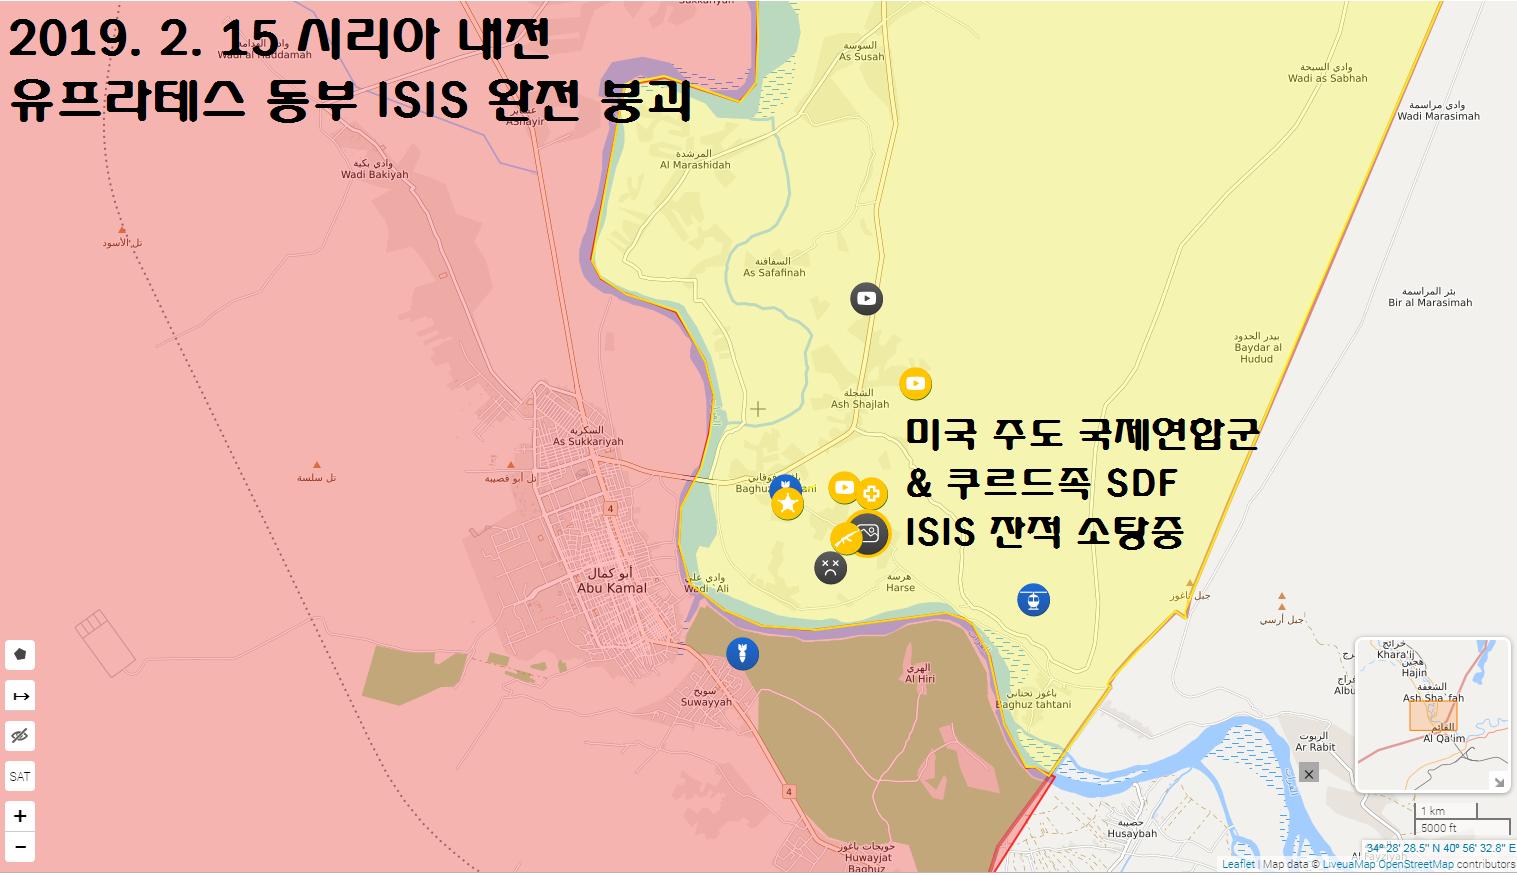 유프라테스 동부 ISIS 소멸